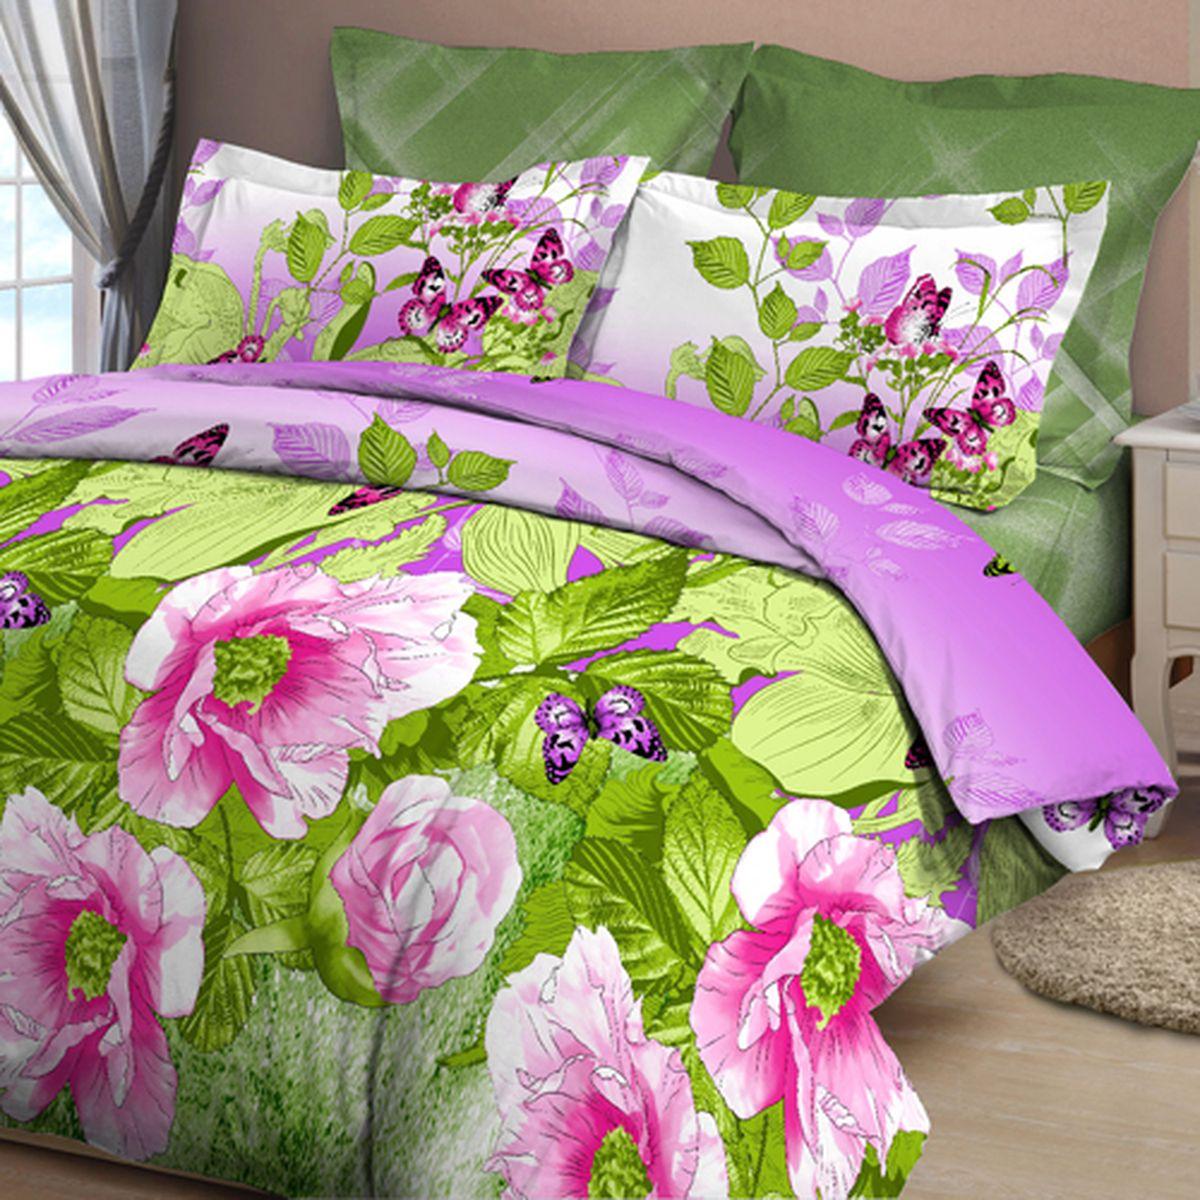 Комплект белья Amore Mio Pion, 2-спальный, наволочки 70х70